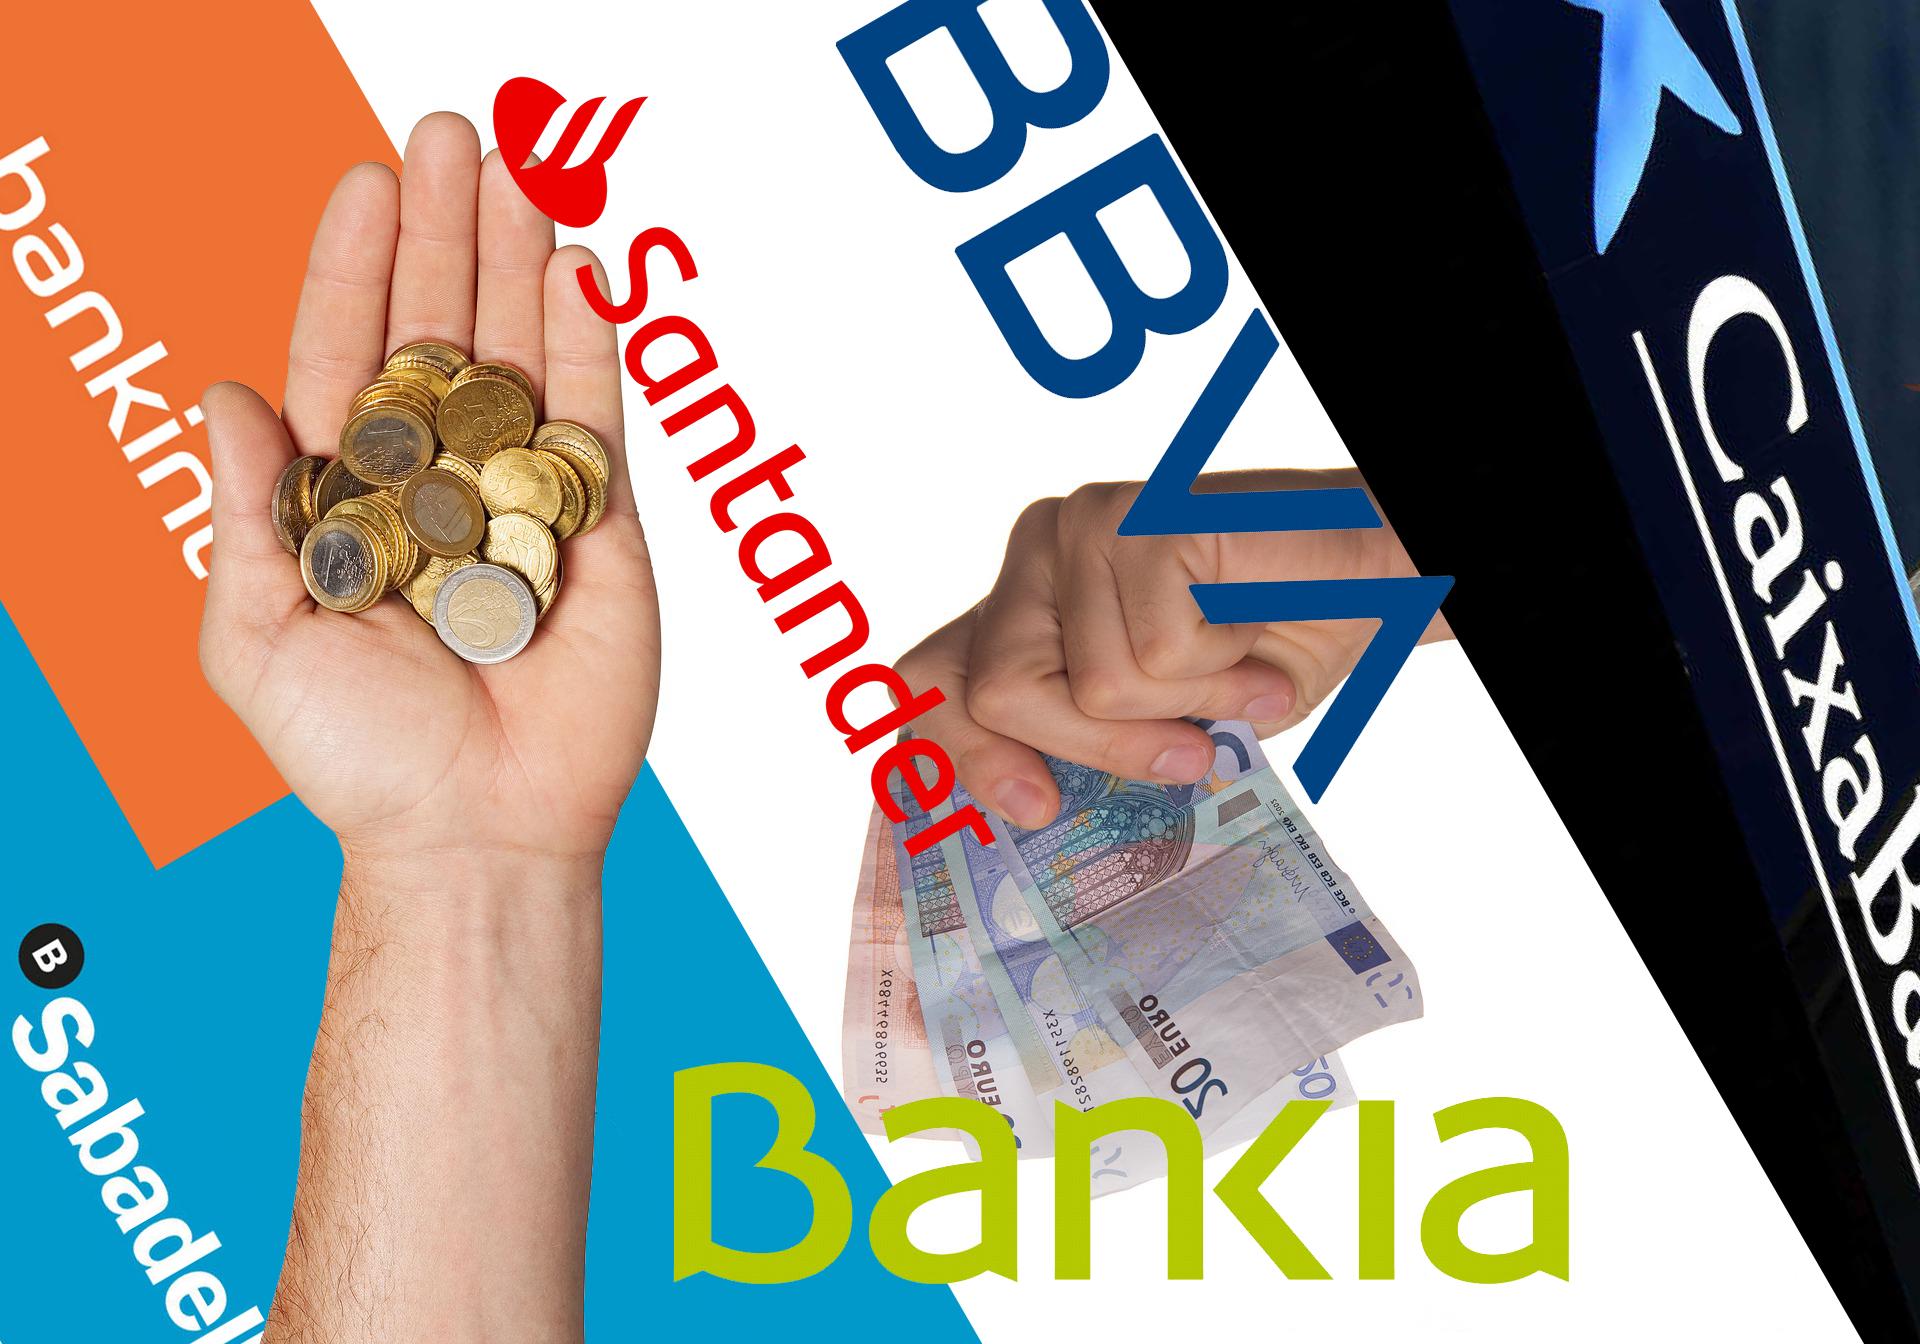 Comisiones que cobran los bancos a los clientes